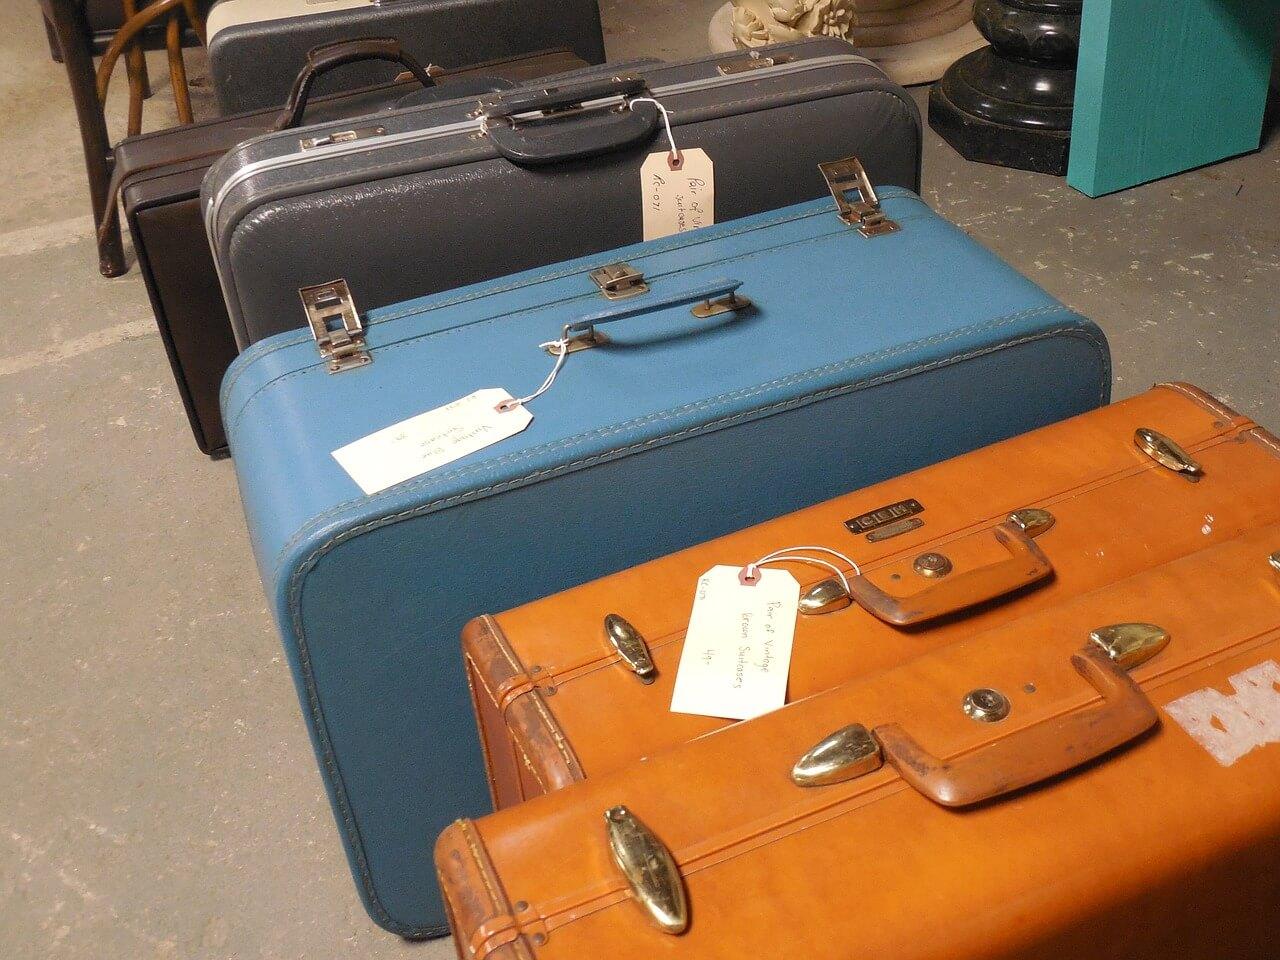 pacotes turísticos - qual é mais vantajoso?